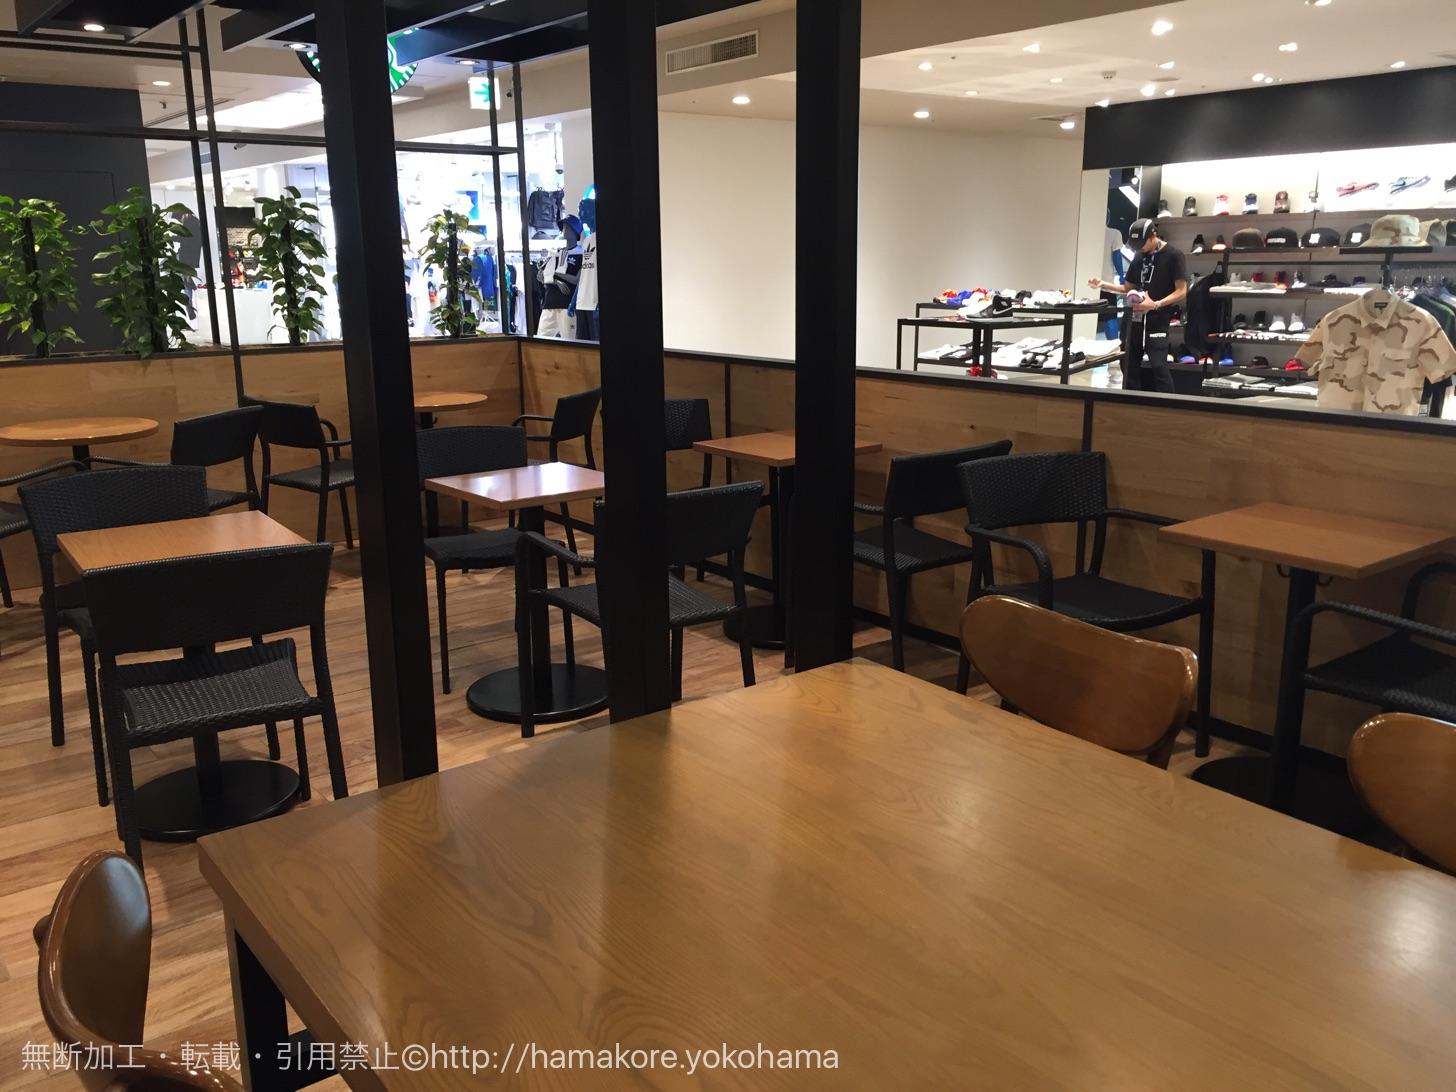 スターバックス 横浜ビブレ店 レビュー・感想